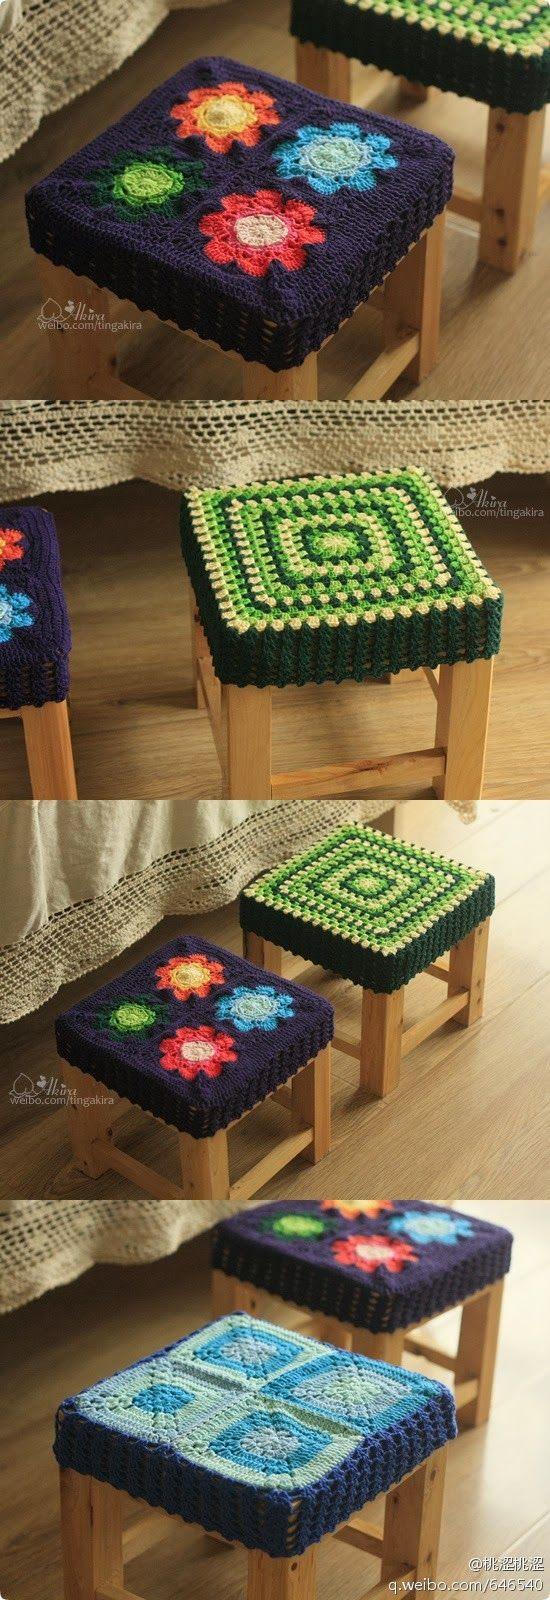 Bom dia fiorellini. tudo bem com vocês ?'  que tal começar o dia com esses lindos trabalhos de crochê.  para alegrar os olhos .   baci     ...